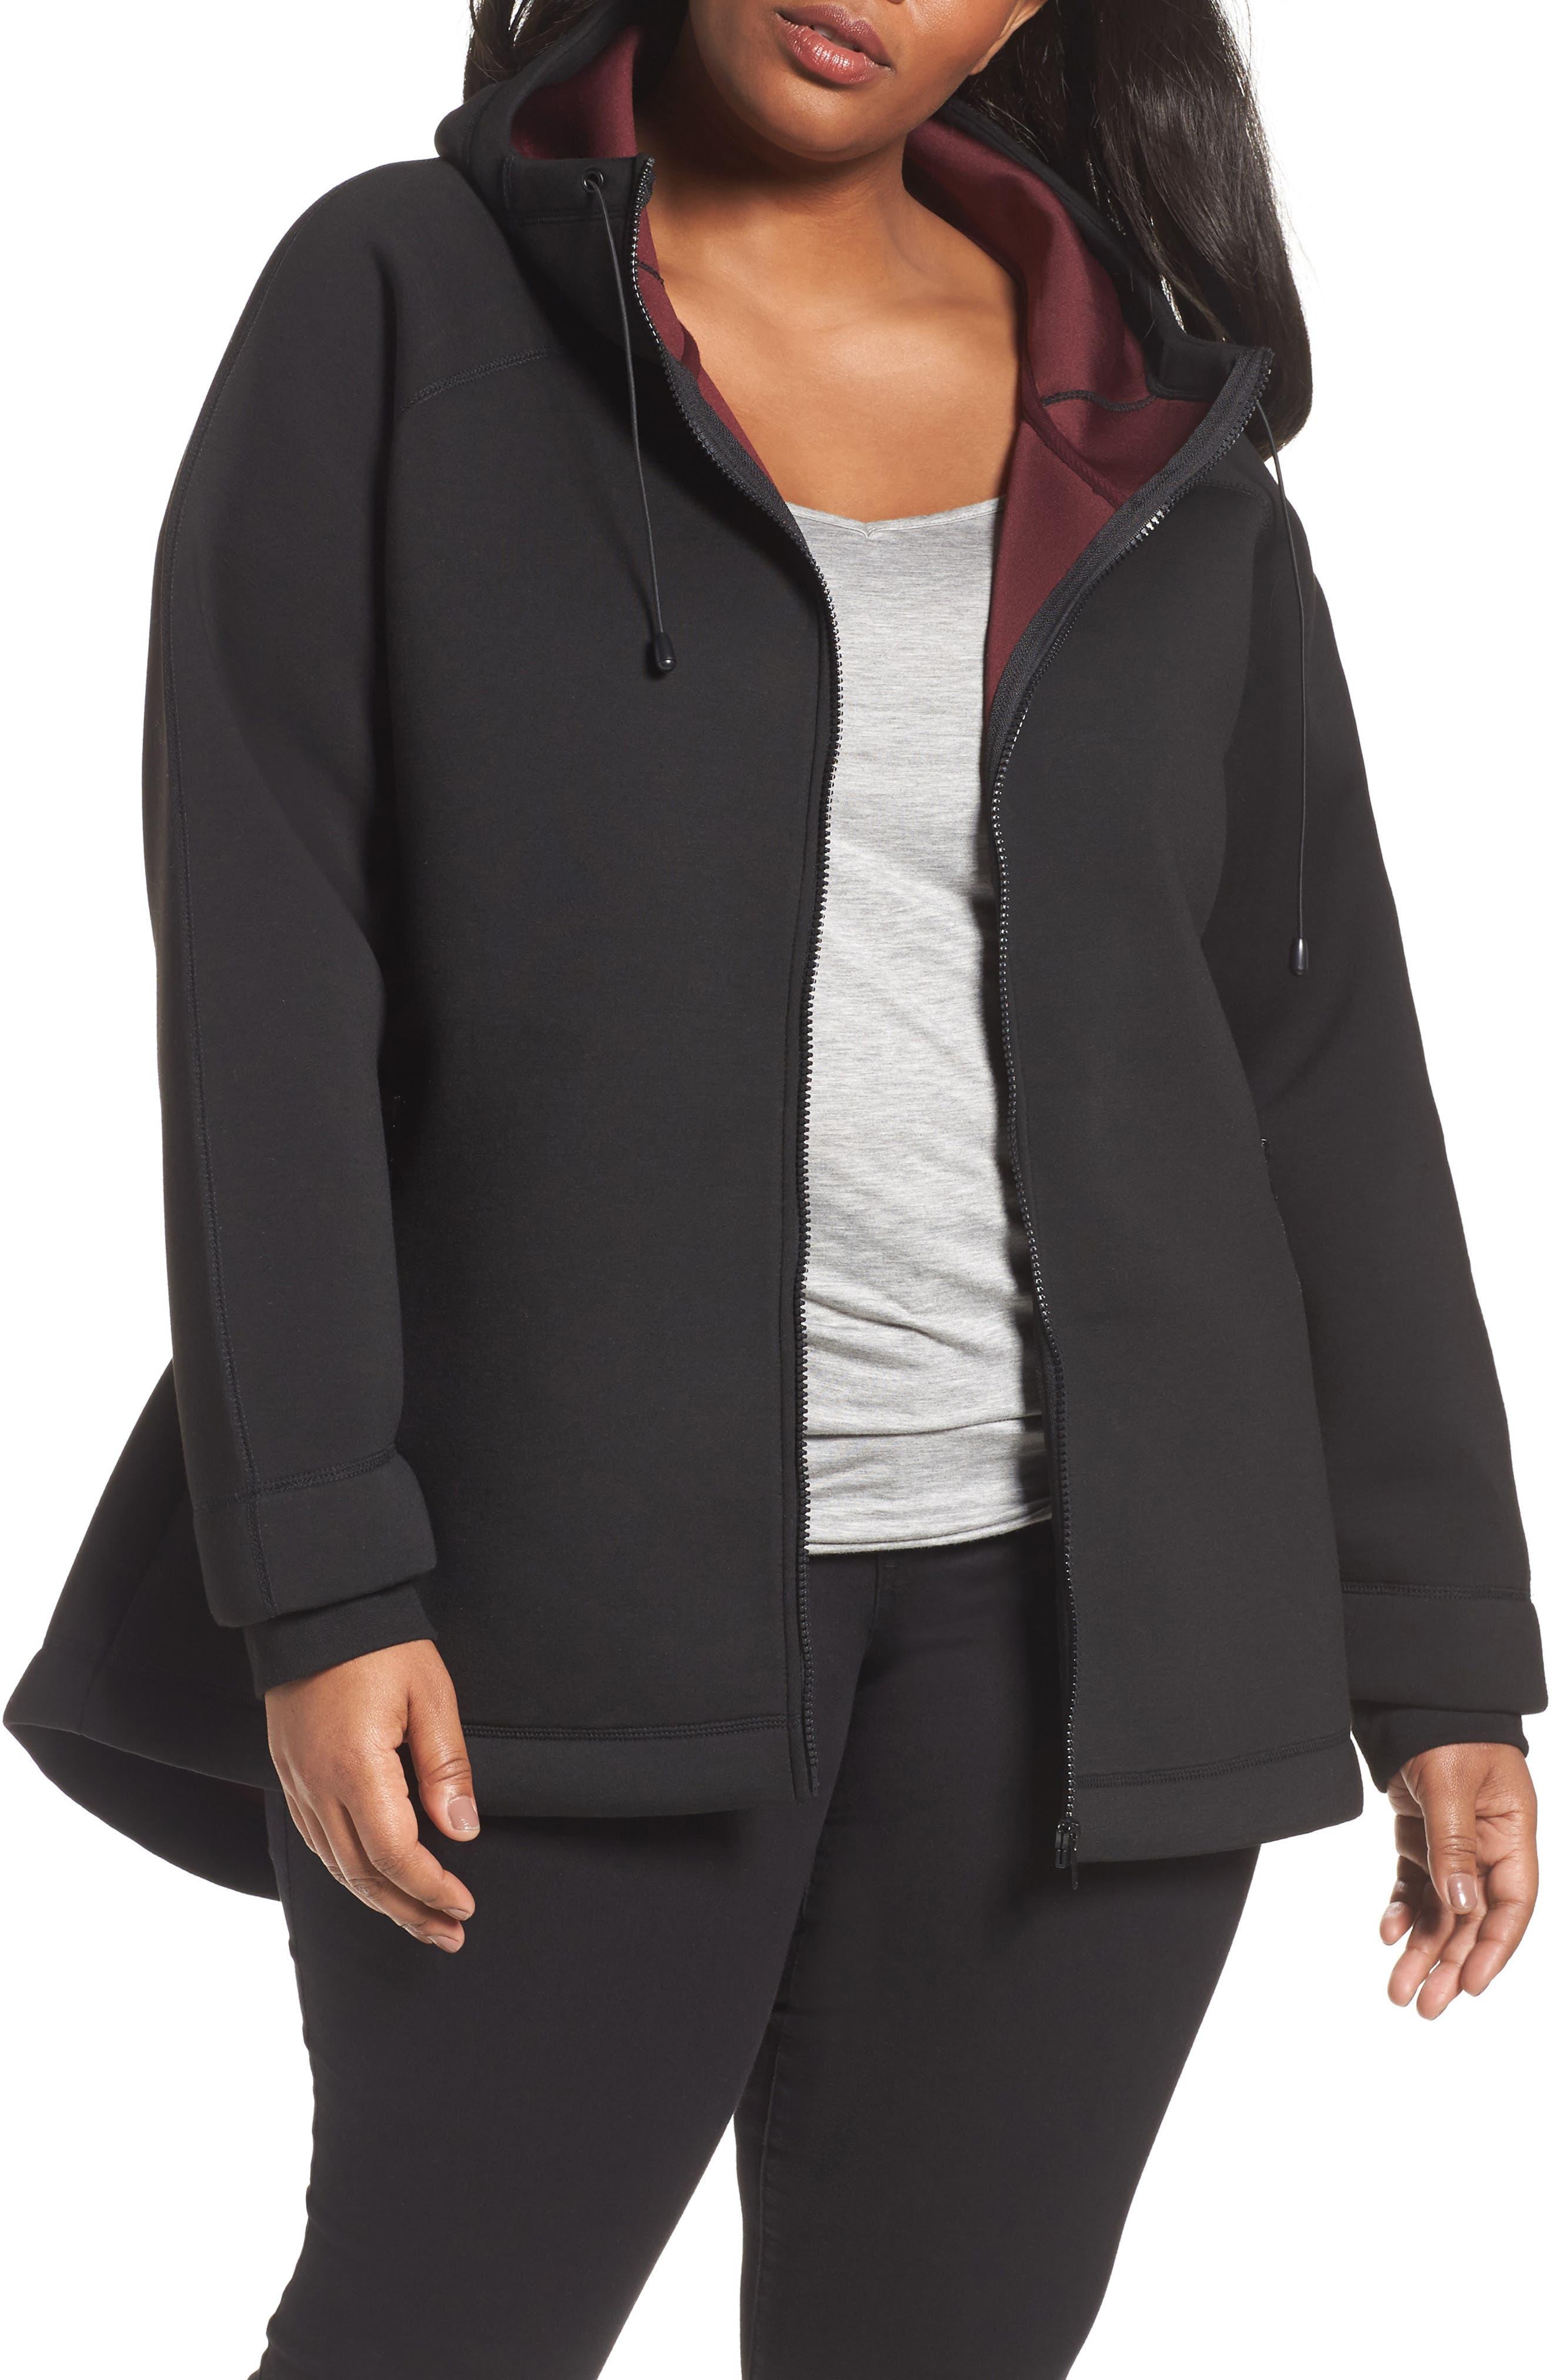 Main Image - Kristen Blake Mono Knit Drawstring Hooded Jacket (Plus Size)